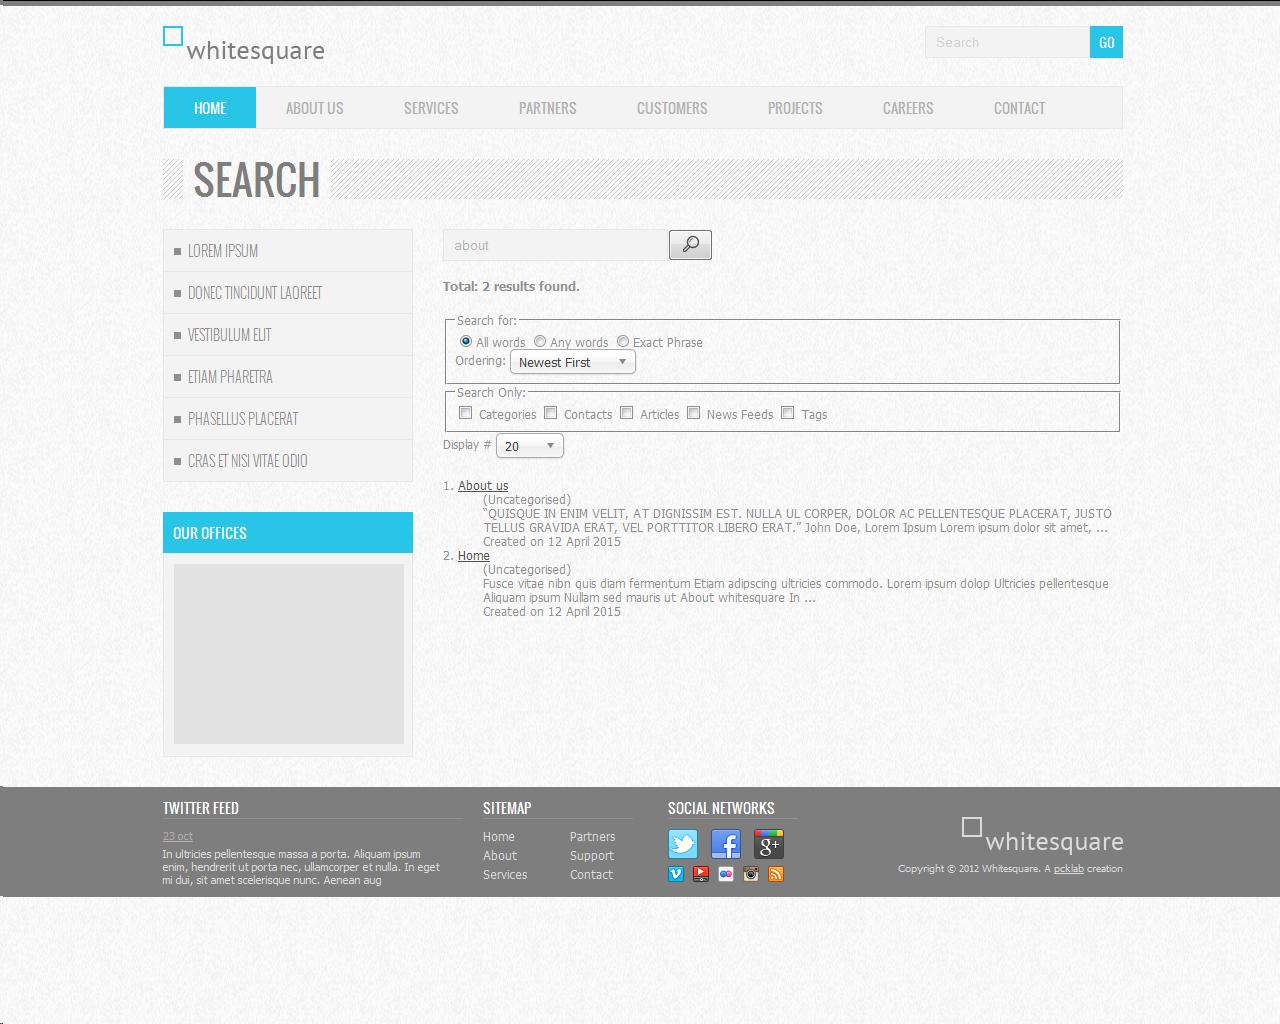 создания сайта теги на php с нуля пошаговая инструкция образец